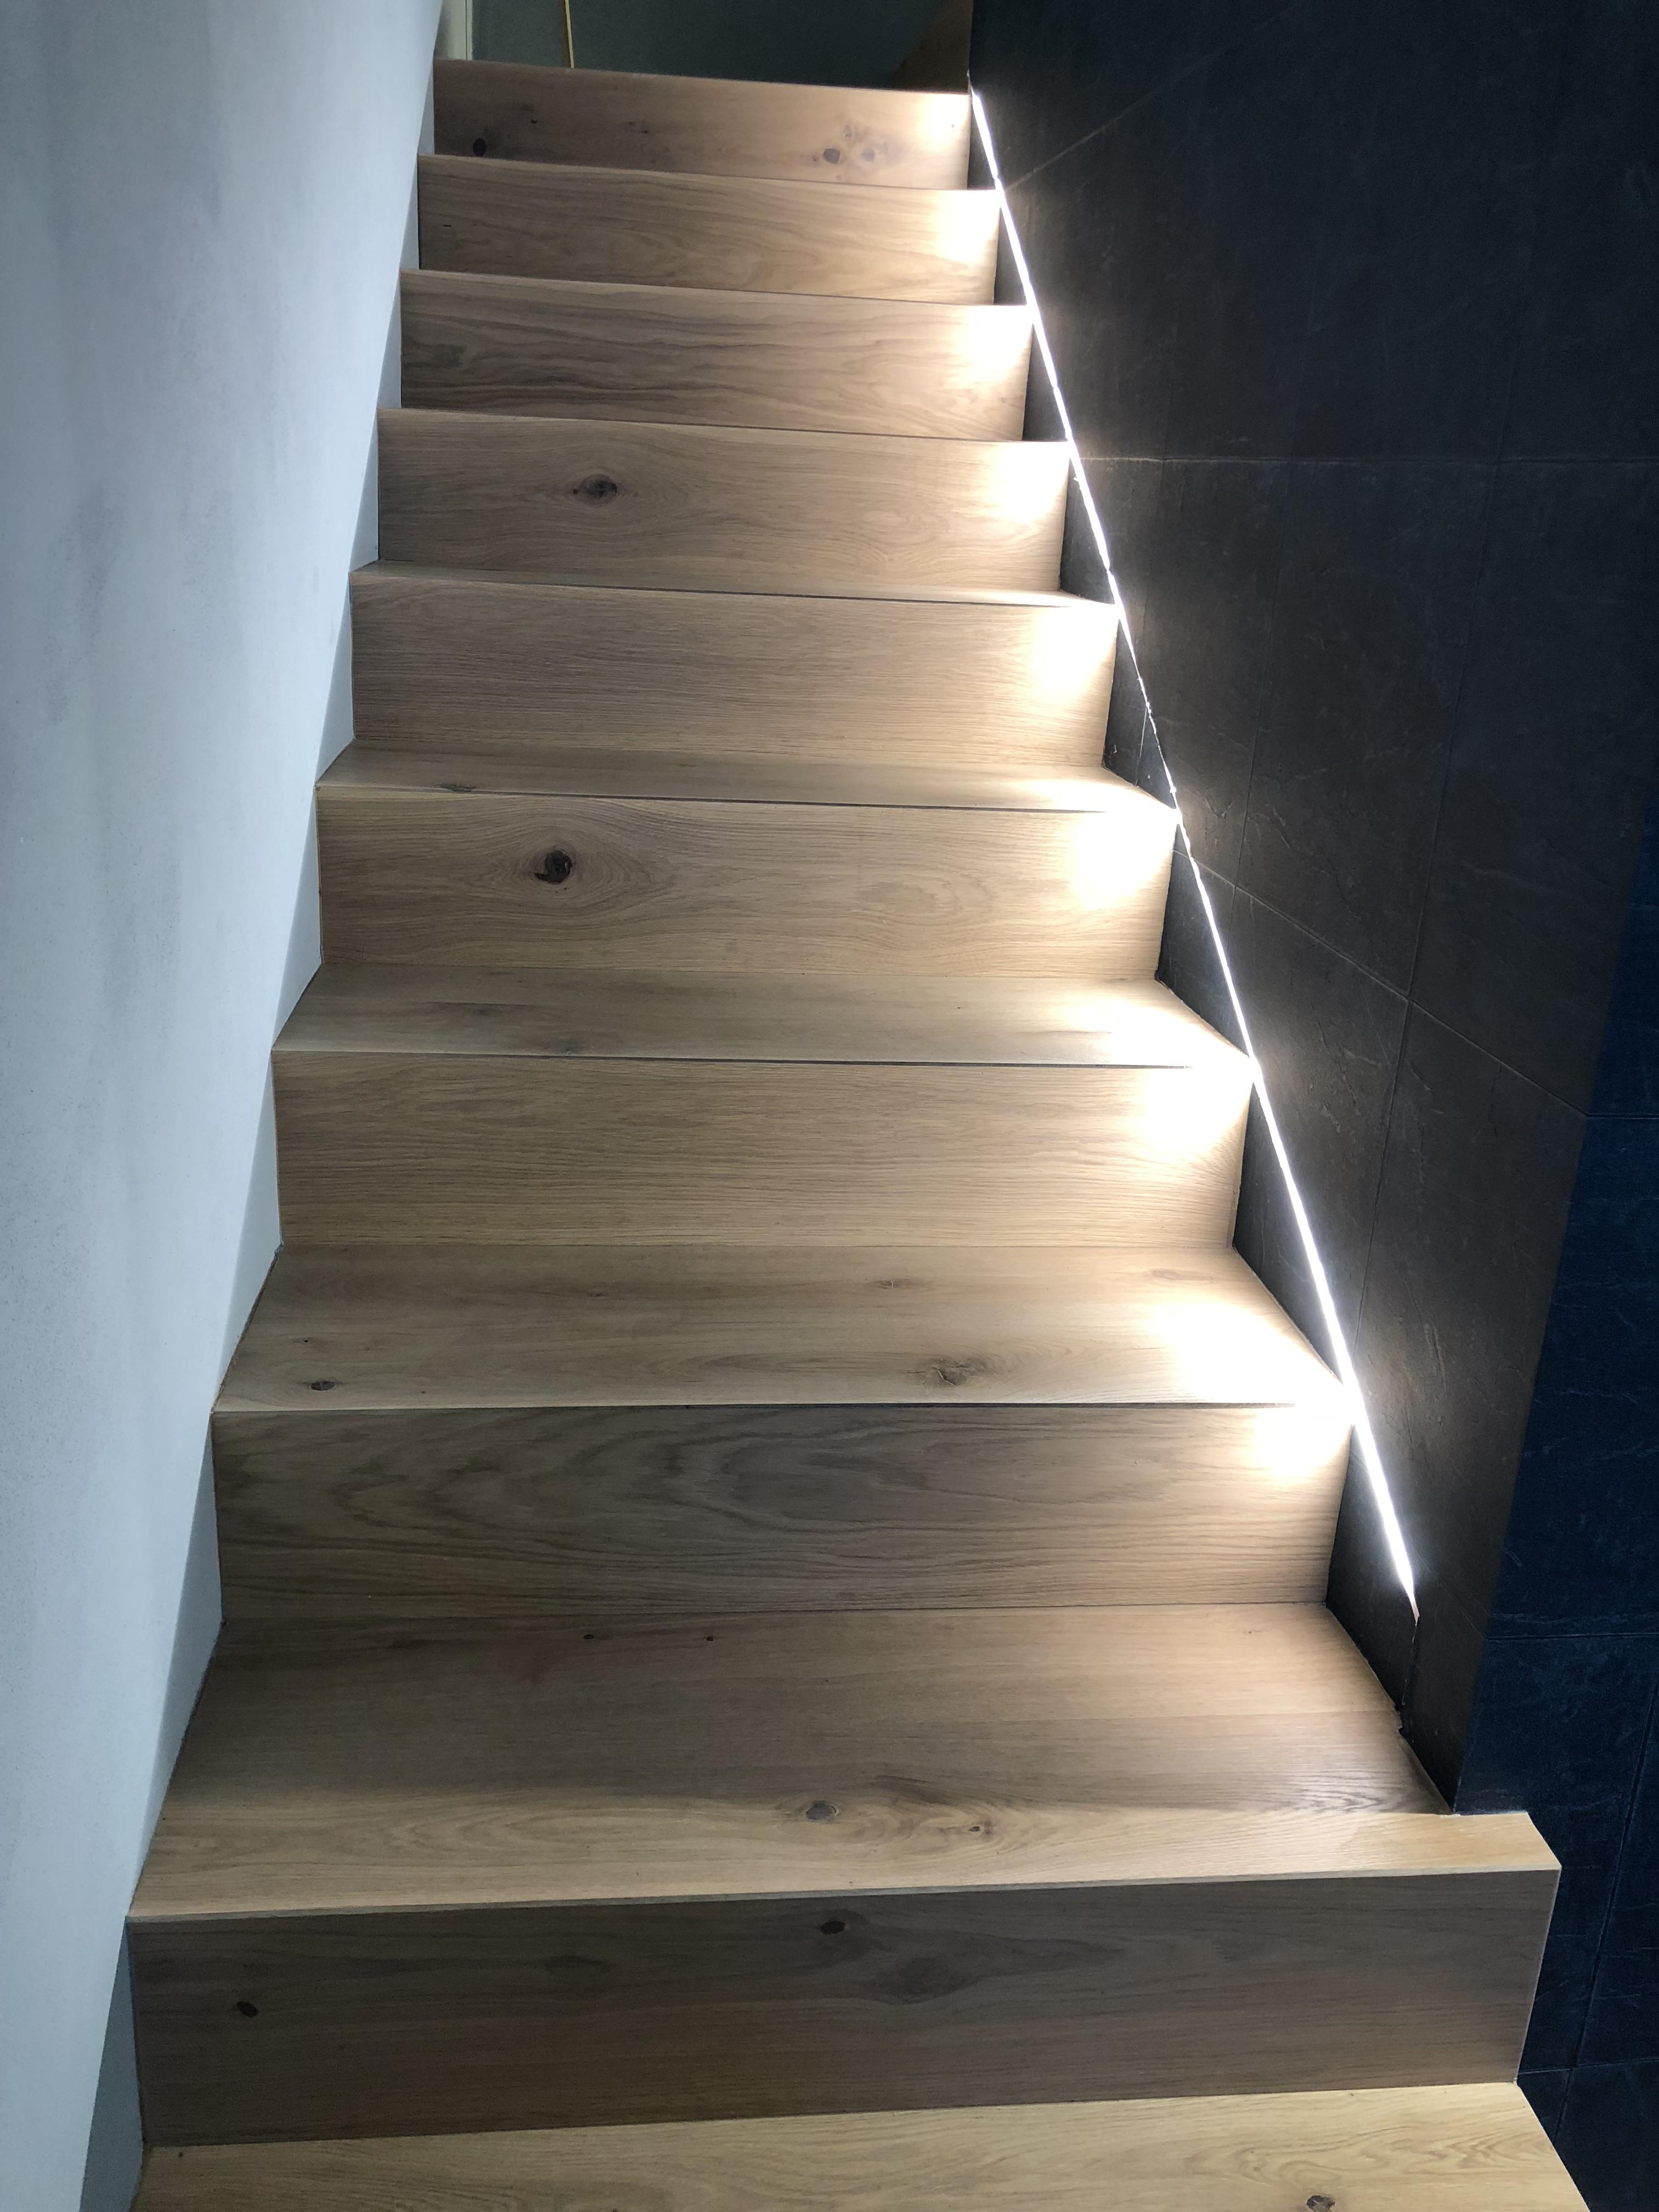 Illuminazione scale linea luce led per valorizzare i for Segnapasso led per scale interne